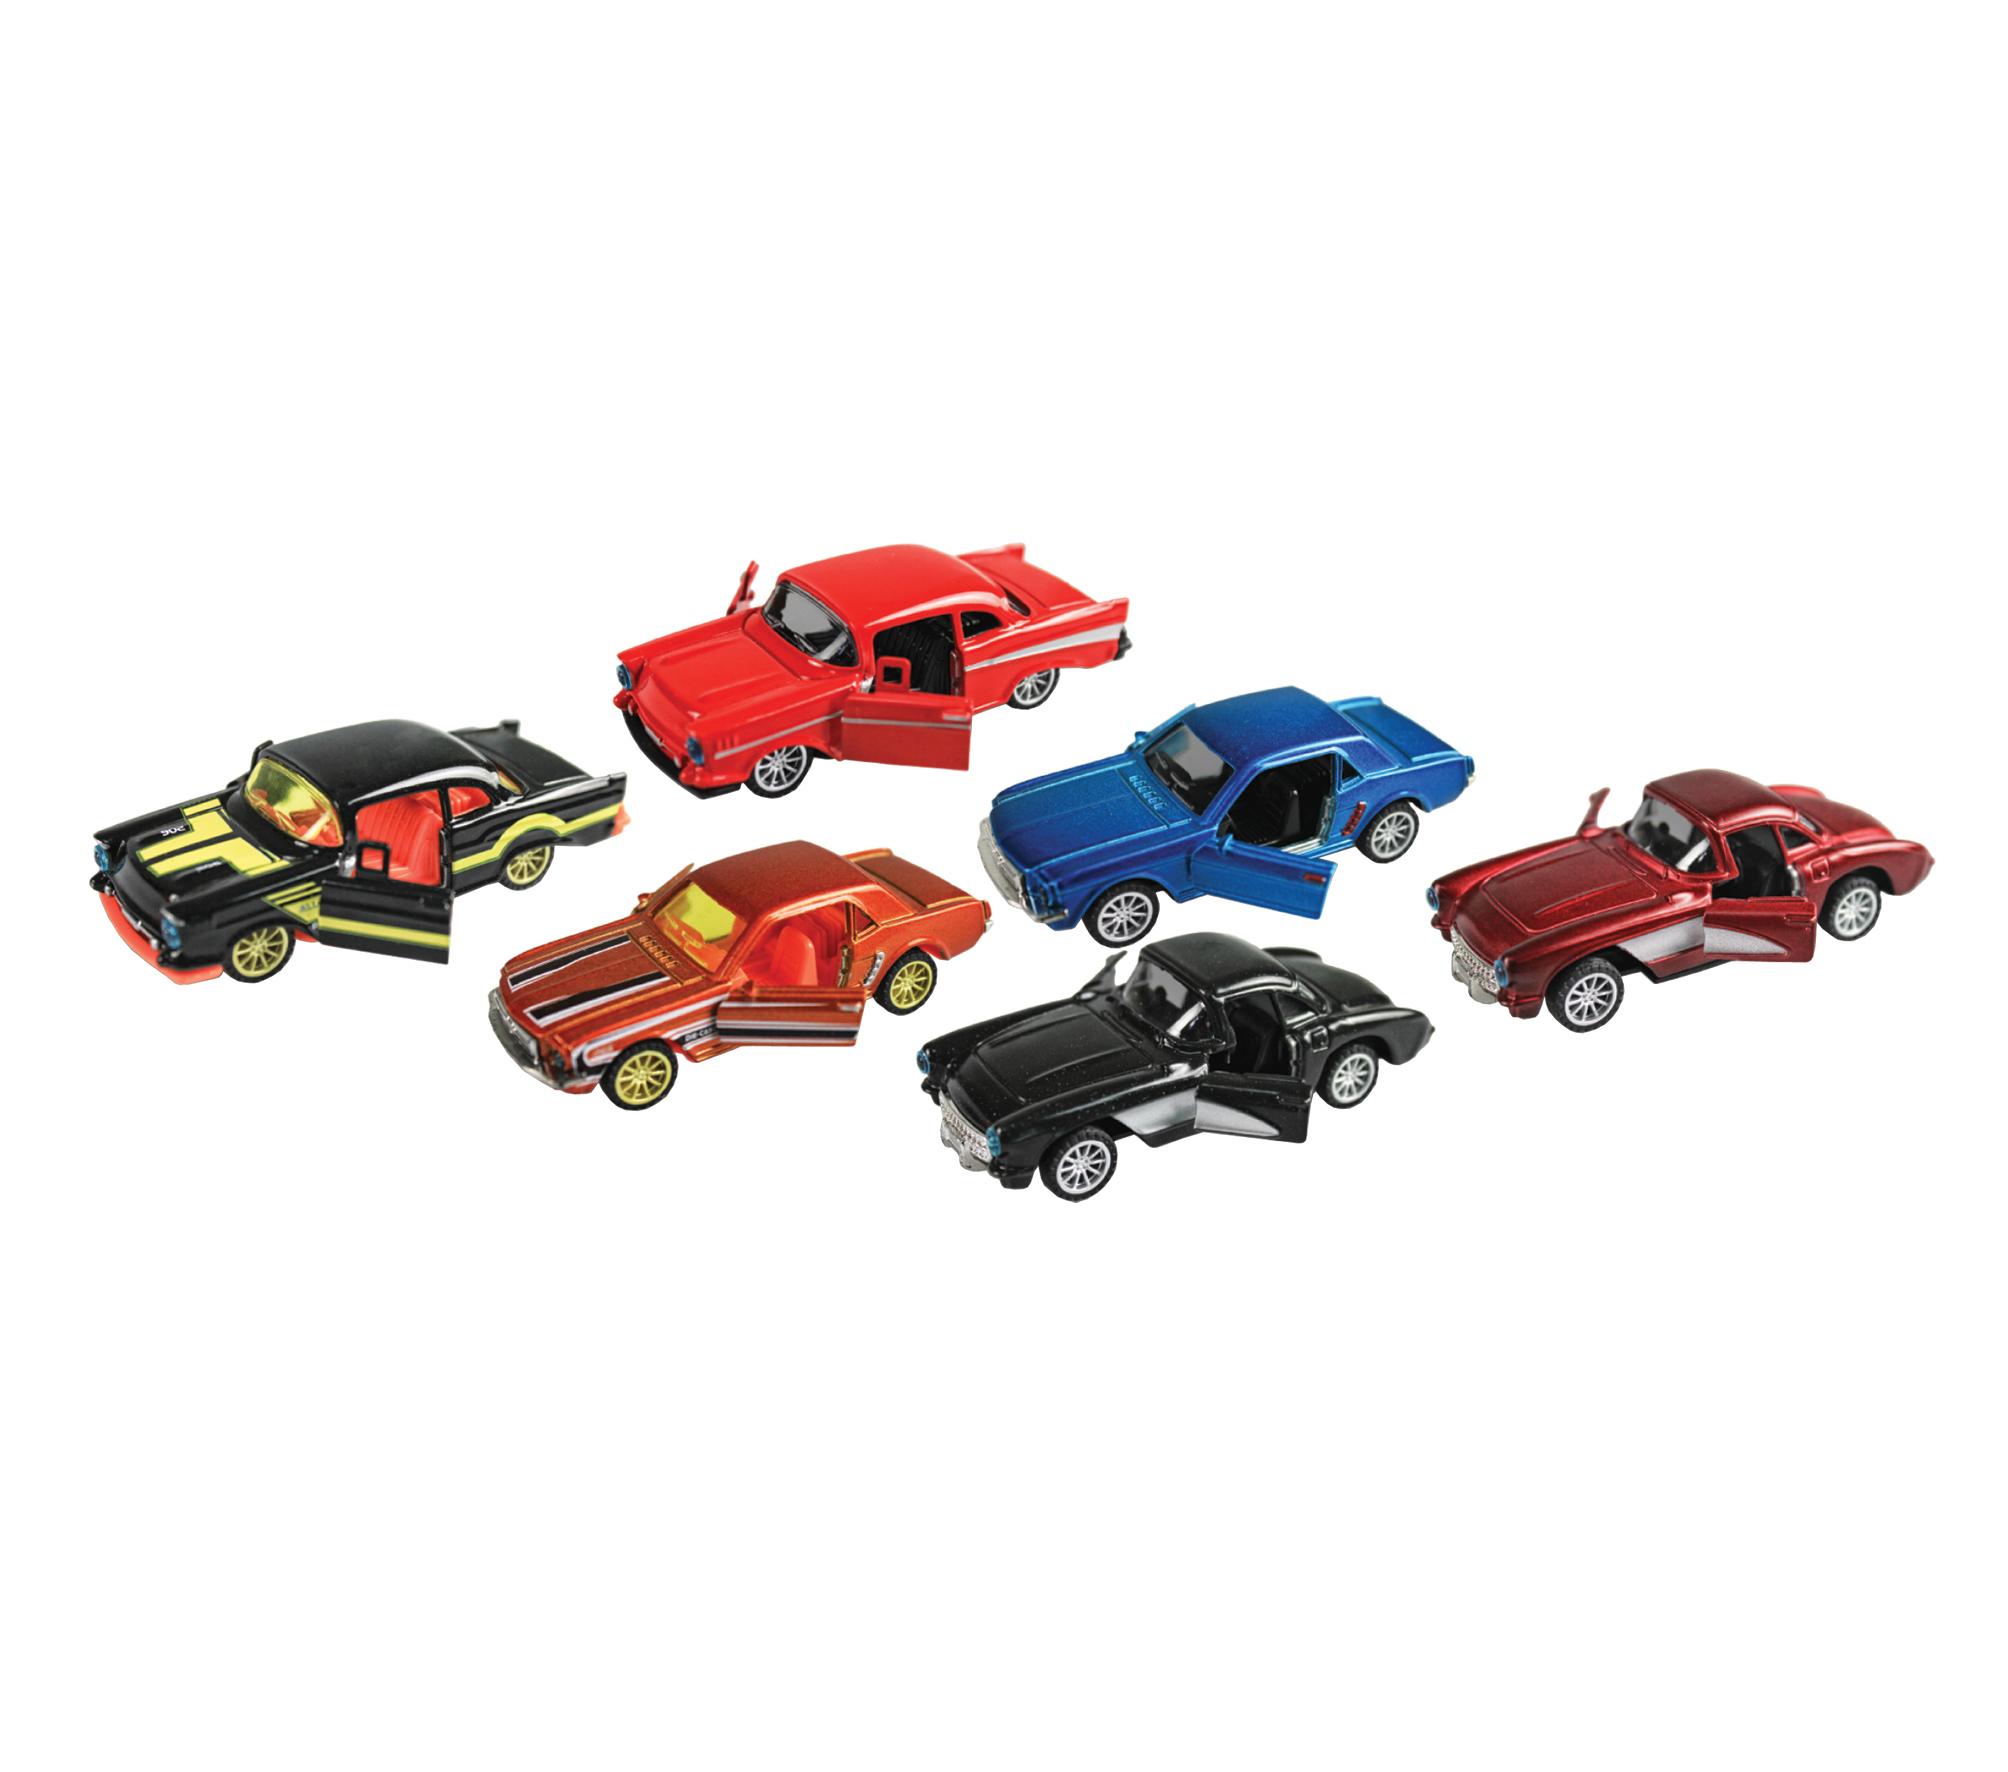 Машинки и мотоциклы Пламенный мотор Машинка Пламенный мотор «Ретро» инерционная 1:55 в асс. цена